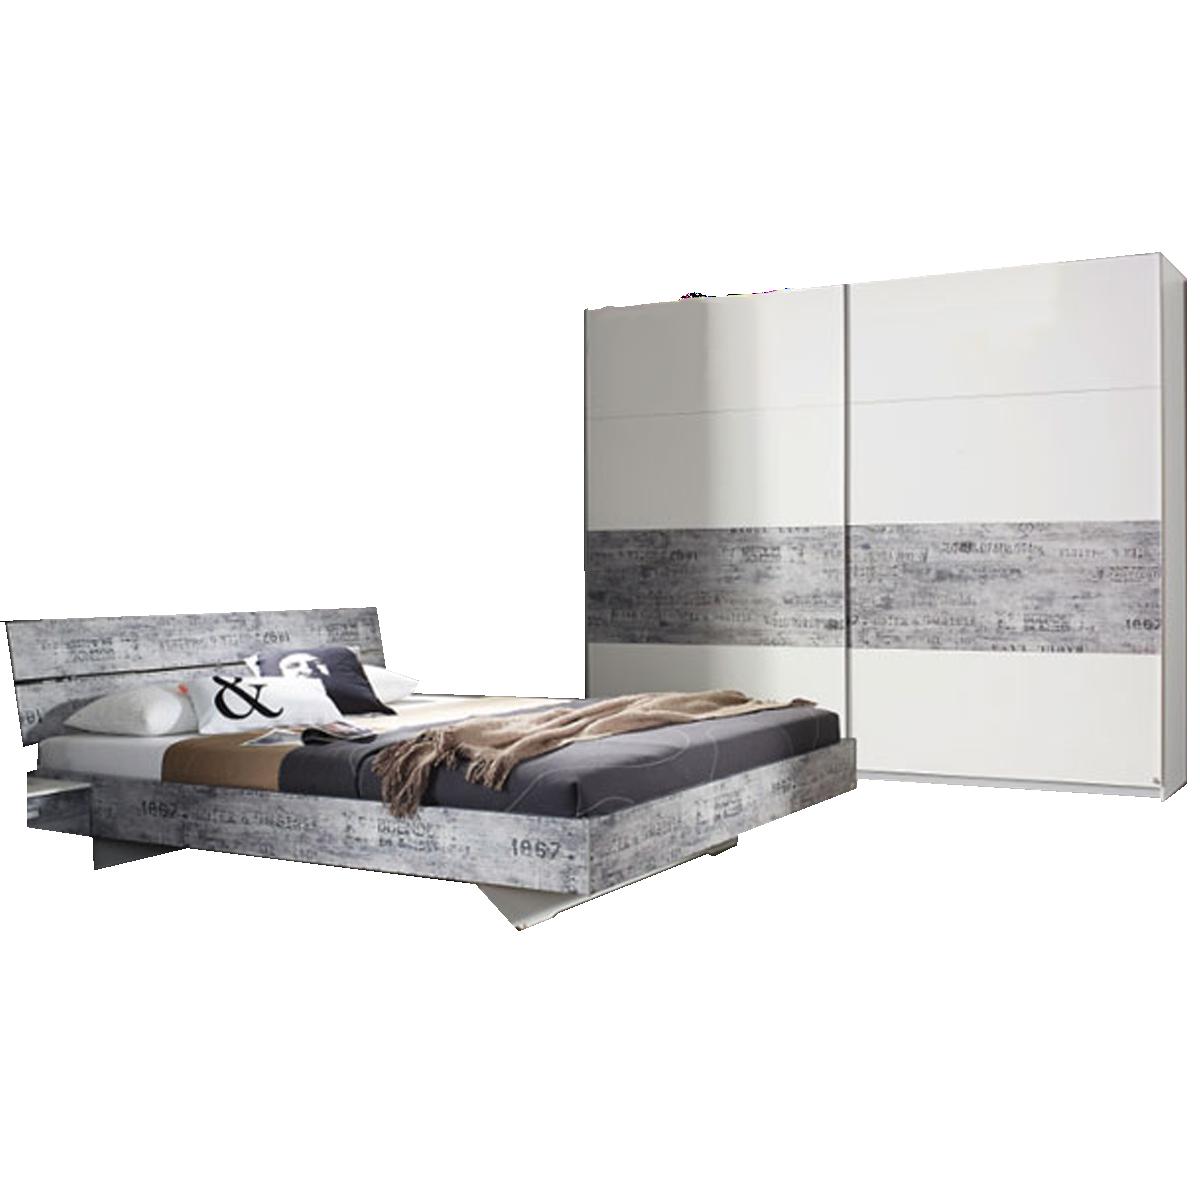 Rauch sumatra extra schlafzimmer alpinwei mit absetzung for Schlafzimmer vintage optik